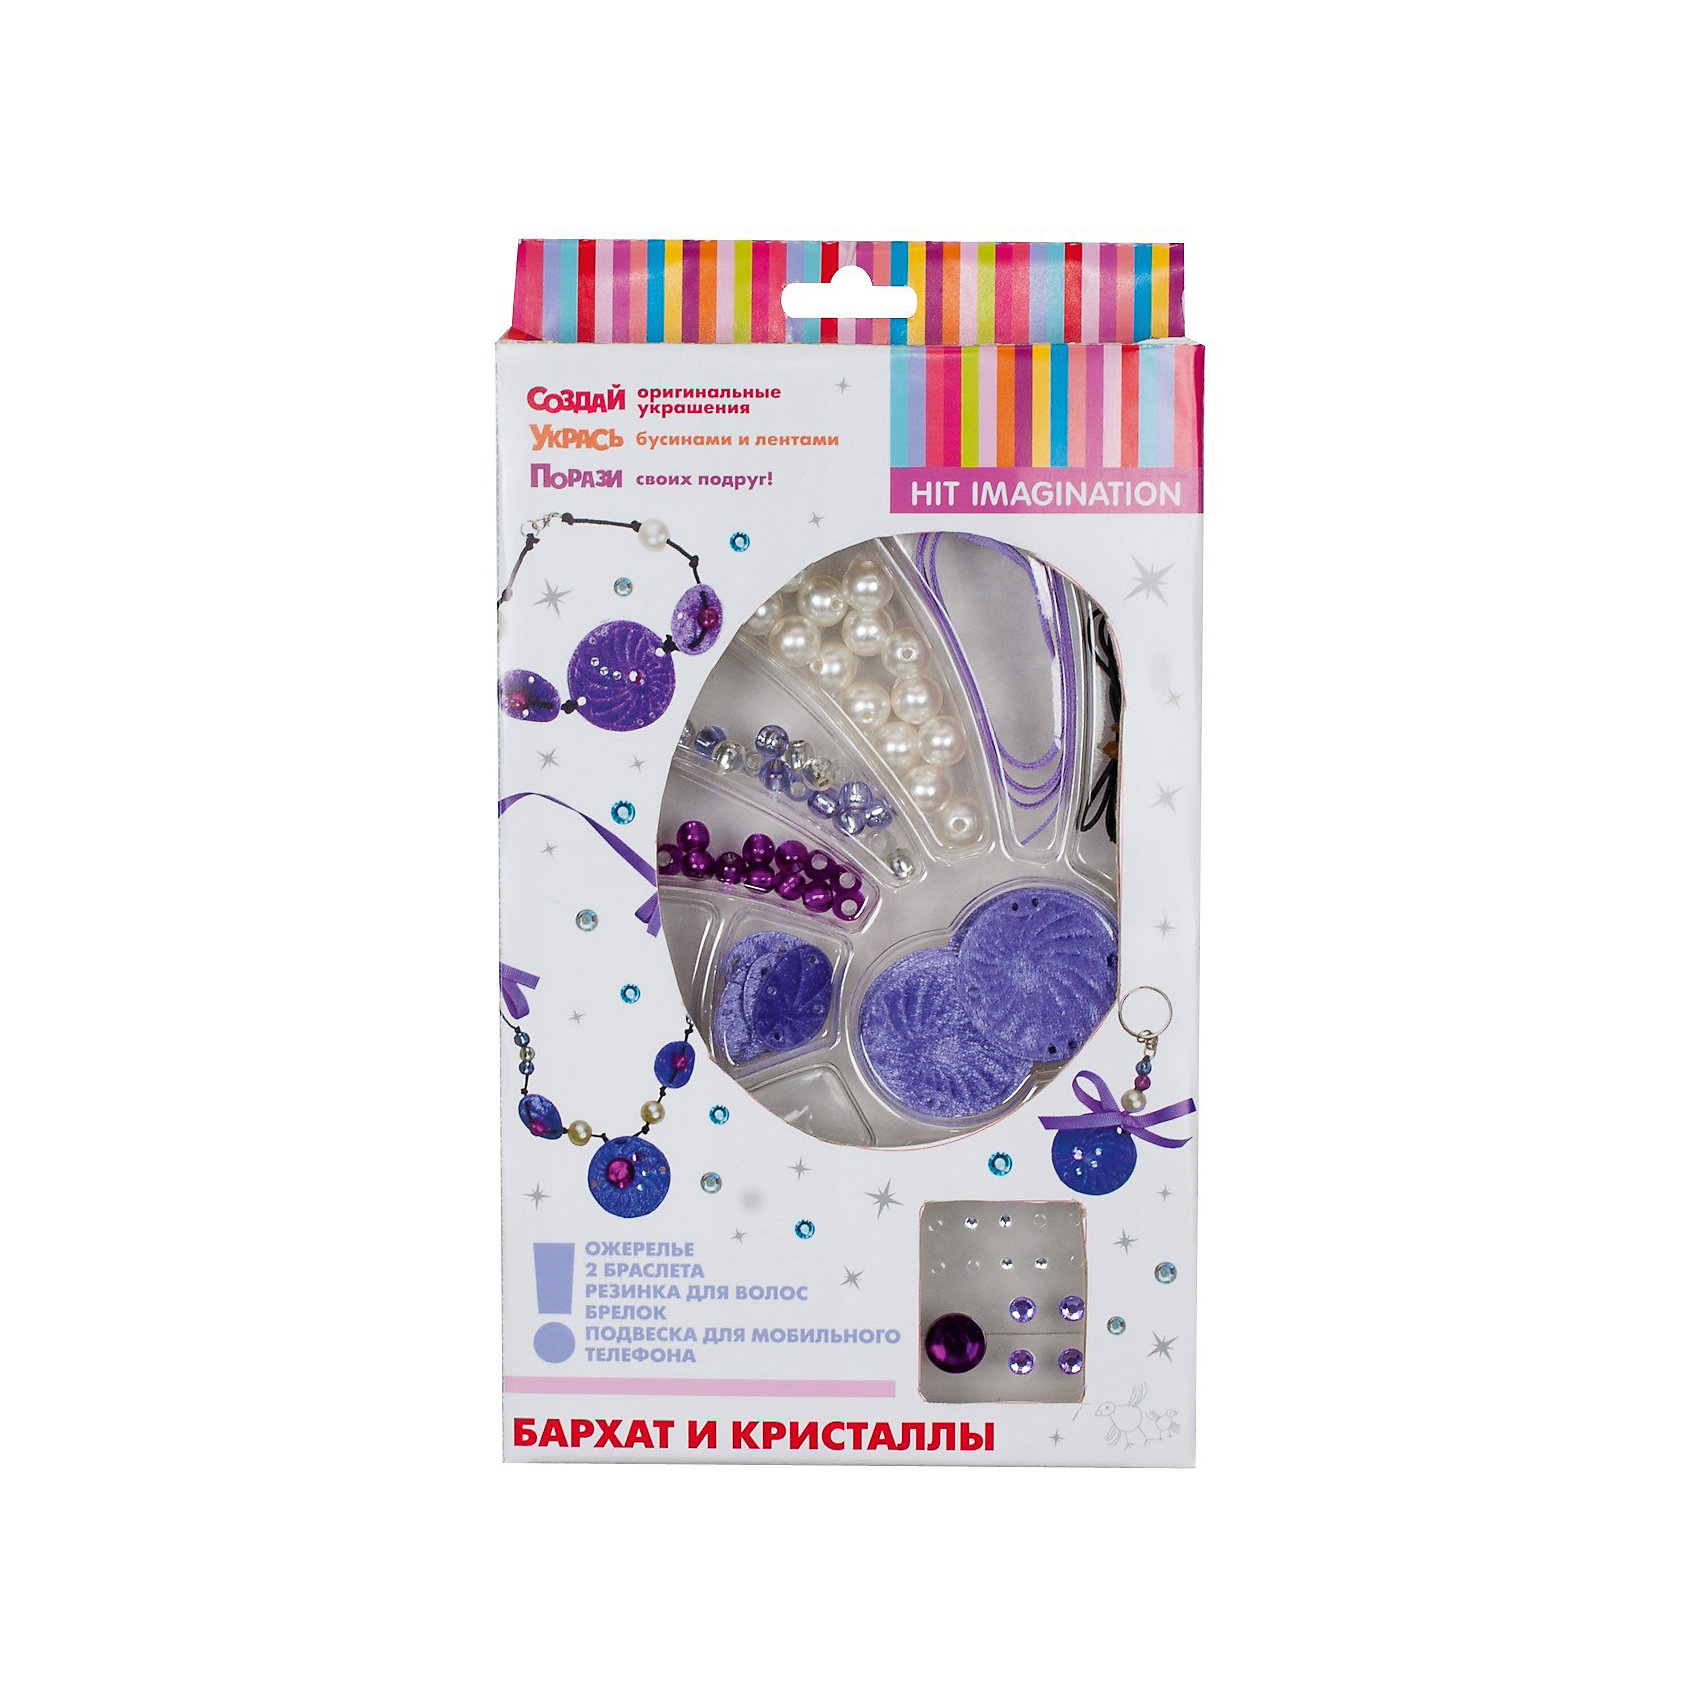 Набор для детского творчества Бархат и кристаллыРукоделие<br>Характеристики товара:<br><br>• упаковка: коробка<br>• комплектация: застежки, бусины, текстильные декоративные элементы, стразы, резинка, лента, нитка, инструкция по эксплуатации<br>• материал: текстиль, пластик<br>• возраст: от трех лет<br>• развивающая<br>• страна бренда: Беларусь<br>• страна производства: Беларусь<br><br>Творчество - отличный способ занять ребенка. Это не только занимательно, но и очень полезно! С помощью такого набора для творчества ребенок сможет сам создать различные украшения из элементов, входящих в комплект - это несложно! Готовое изделие может стать подарком от ребенка на праздник для близких и родственников!<br>Такое занятие помогает детям развивать многие важные навыки и способности: они тренируют внимание, память, логику, мышление, мелкую моторику, а также усидчивость и аккуратность. Изделие производится из качественных сертифицированных материалов, безопасных даже для самых маленьких.<br><br>Набор для детского творчества Бархат и кристаллы от бренда Genio Kids можно купить в нашем интернет-магазине.<br><br>Ширина мм: 280<br>Глубина мм: 30<br>Высота мм: 160<br>Вес г: 75<br>Возраст от месяцев: 36<br>Возраст до месяцев: 108<br>Пол: Женский<br>Возраст: Детский<br>SKU: 5018344